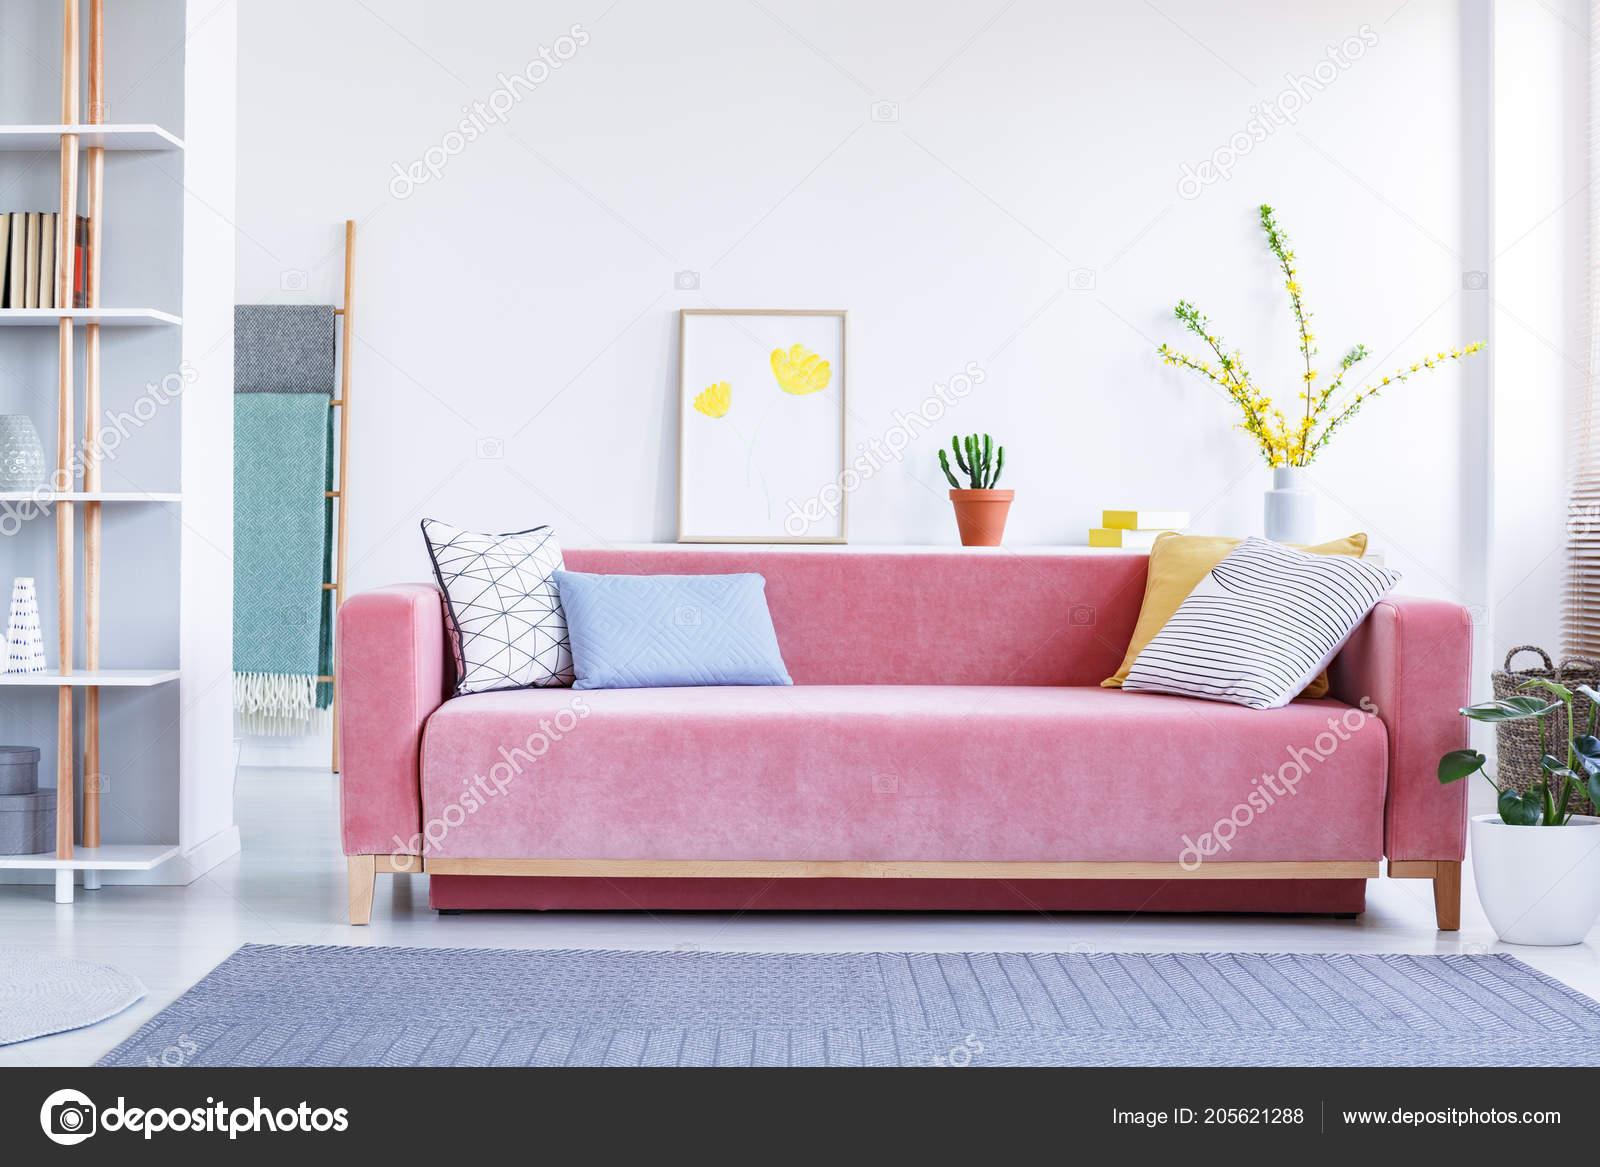 Bunte Kissen Auf Einem Grossen Samt Rosa Sofa Ein Lustiges